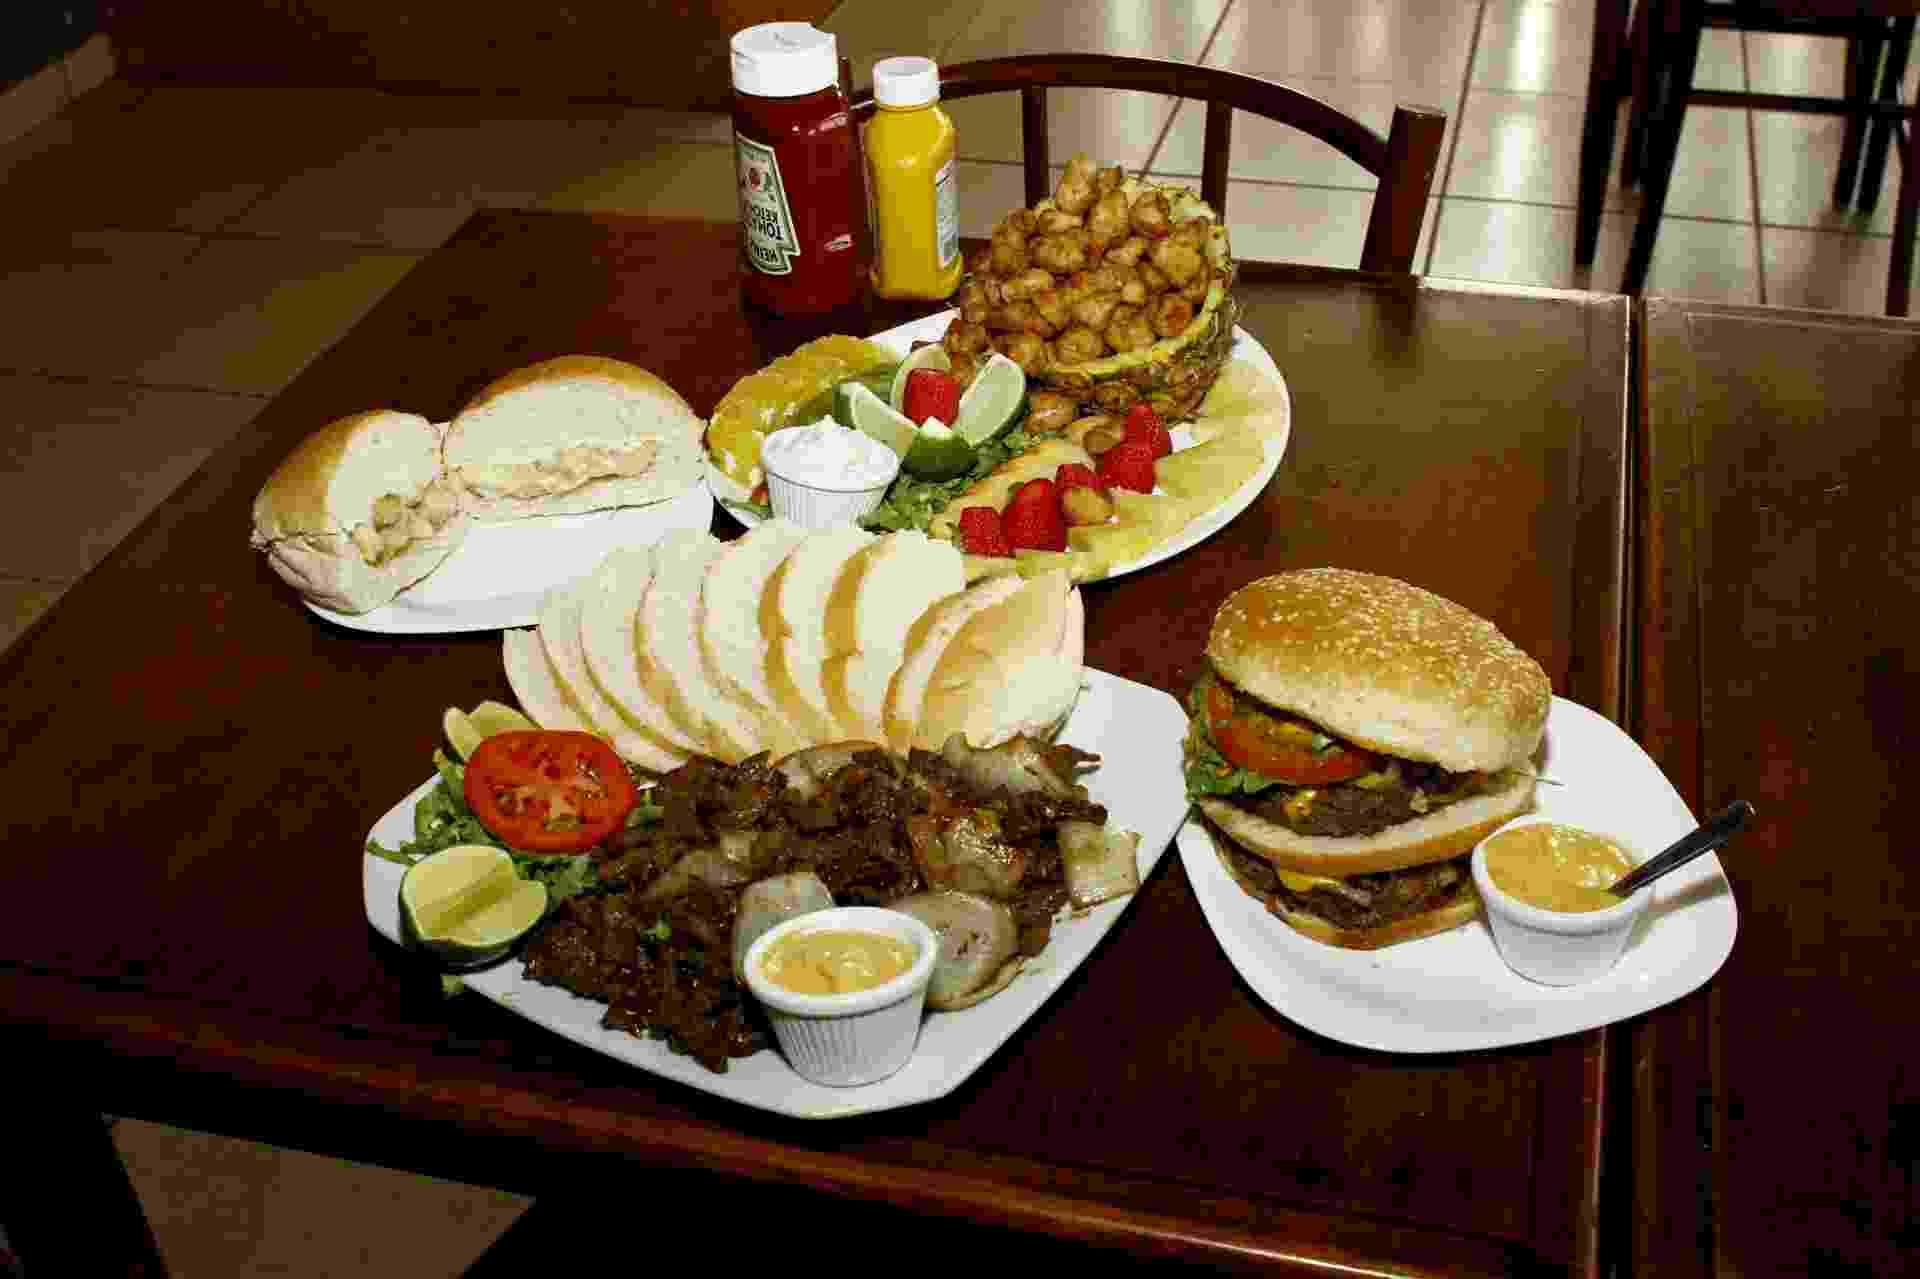 Lanchonete Safari Hamburgueria, em Campo Grande (MS), vende lanches e porções com carne de jacaré e avestruz, além de hambúrgueres de fabricação própria - Saul Schramm/UOL